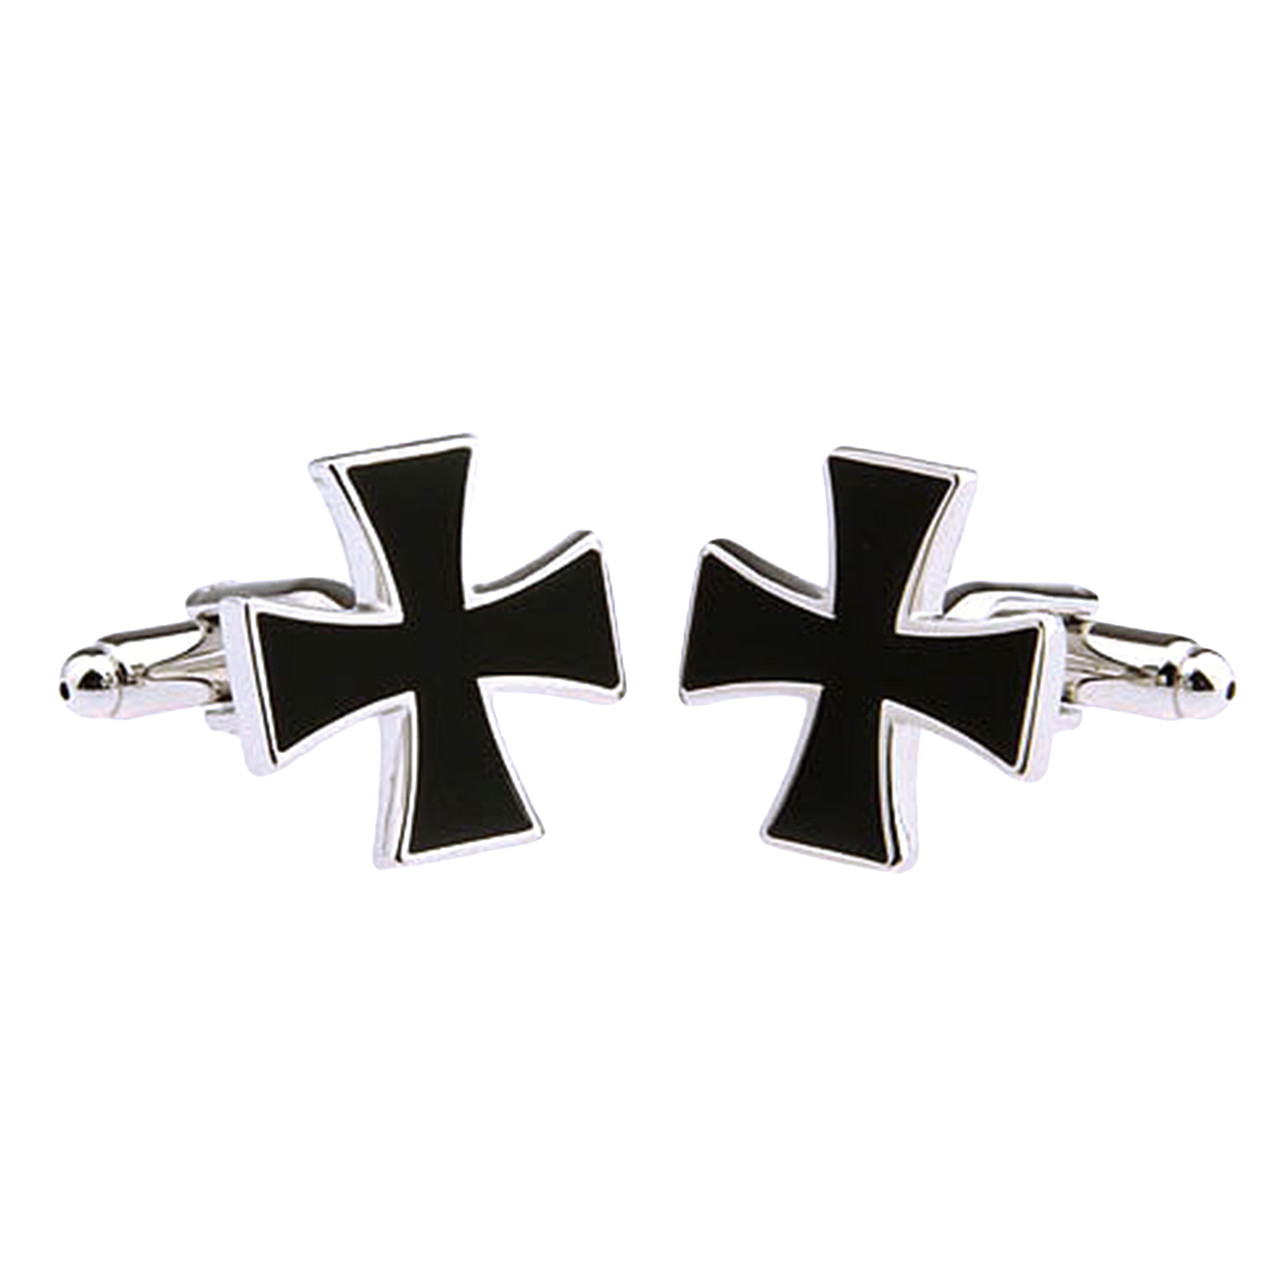 Для всех, кто заслужил Запонки Крест Наградной железный черный крест - Награди себя сам, фото 1